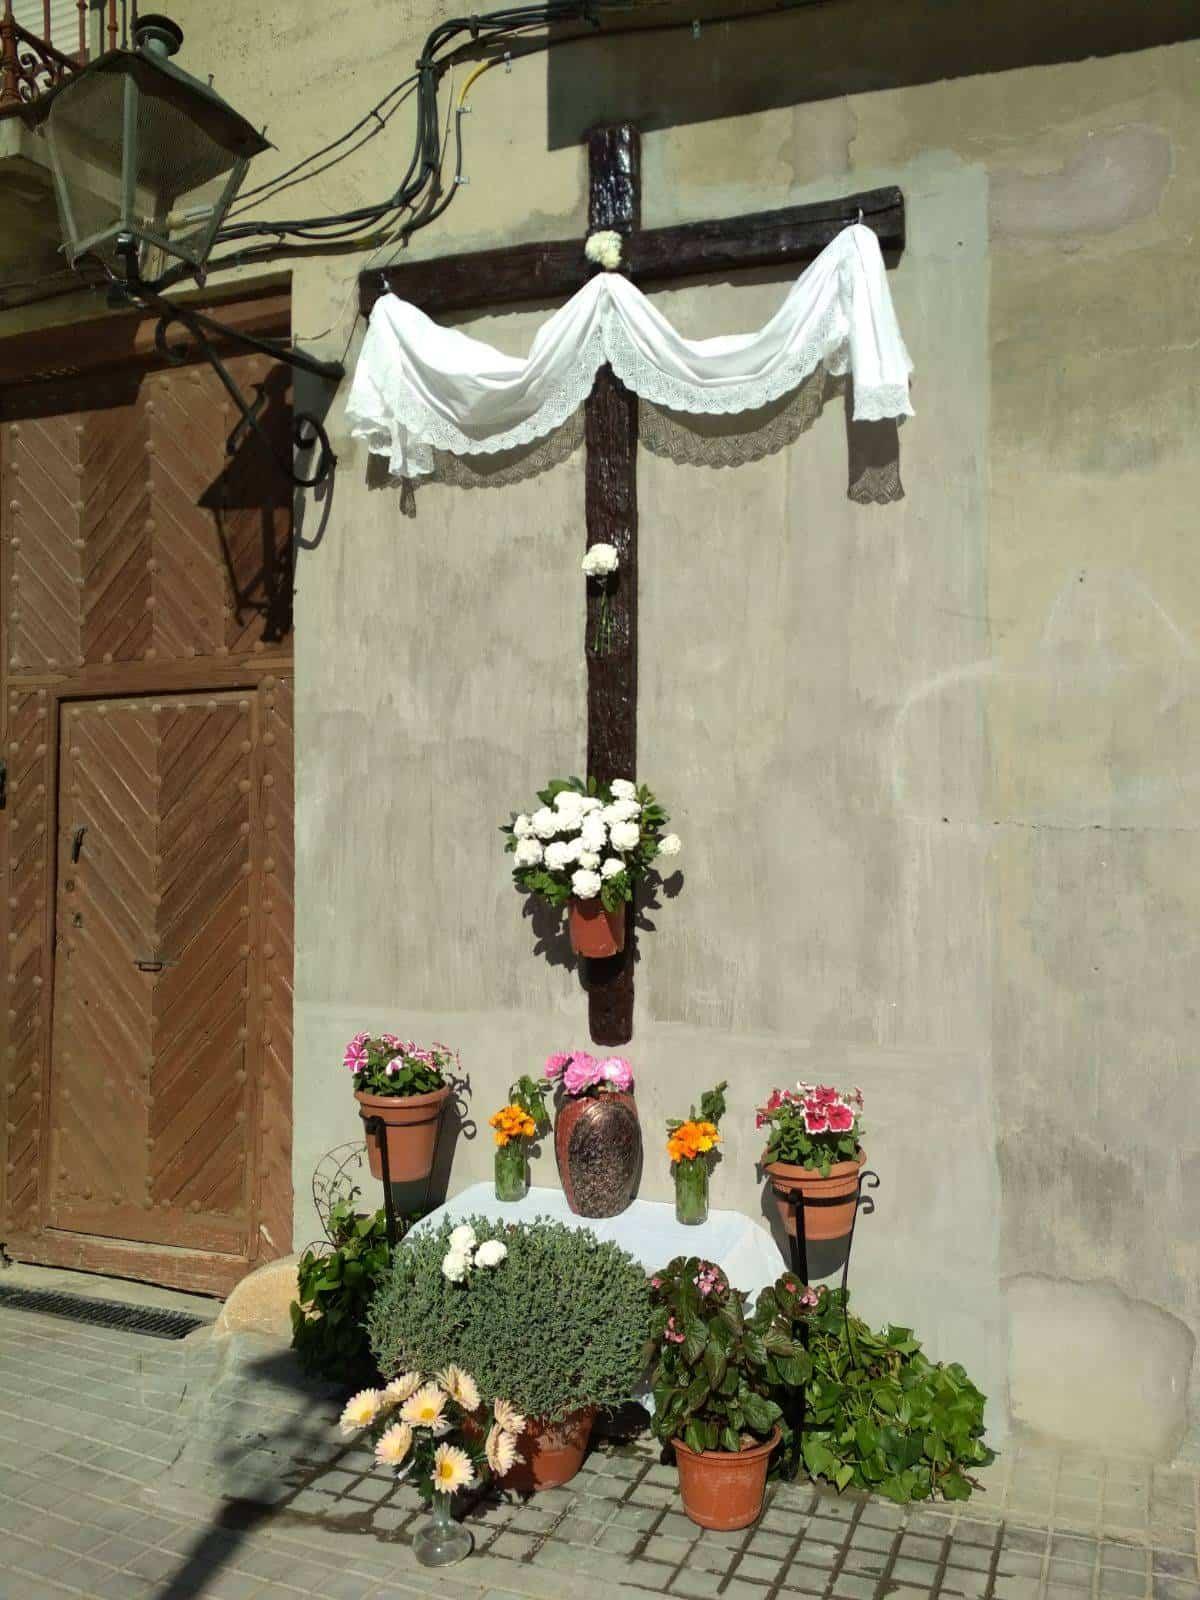 Cruz de mayo de la calle Cruces - Las cruces de Mayo vuelven a Herencia